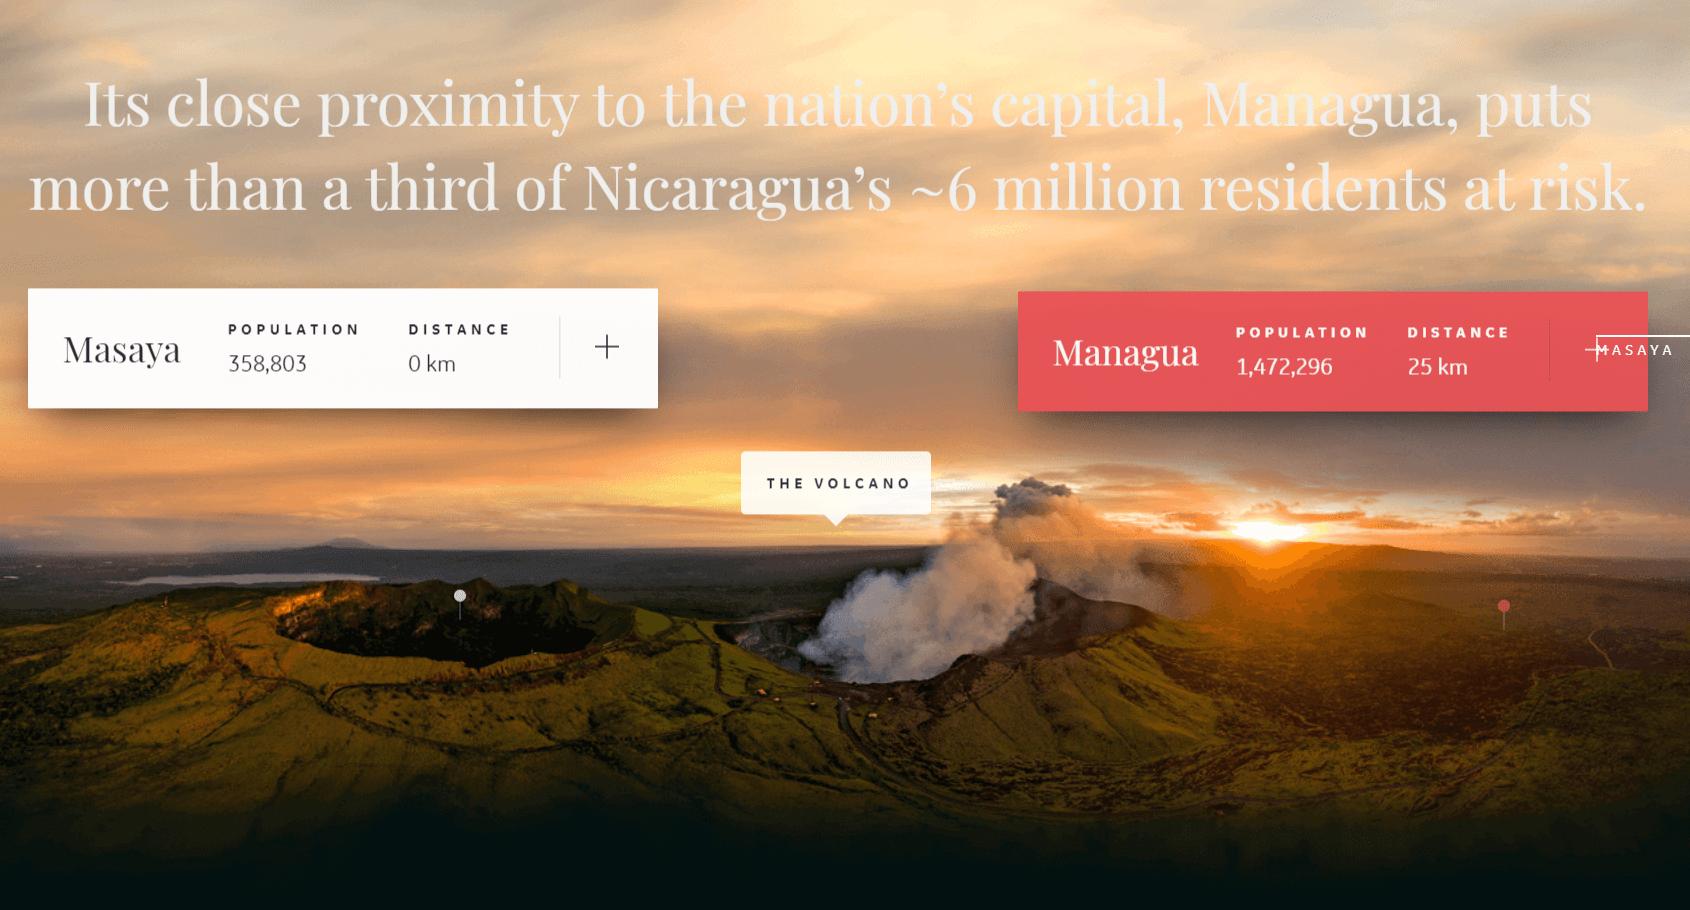 尼加拉瓜火山 - 虚拟旅游